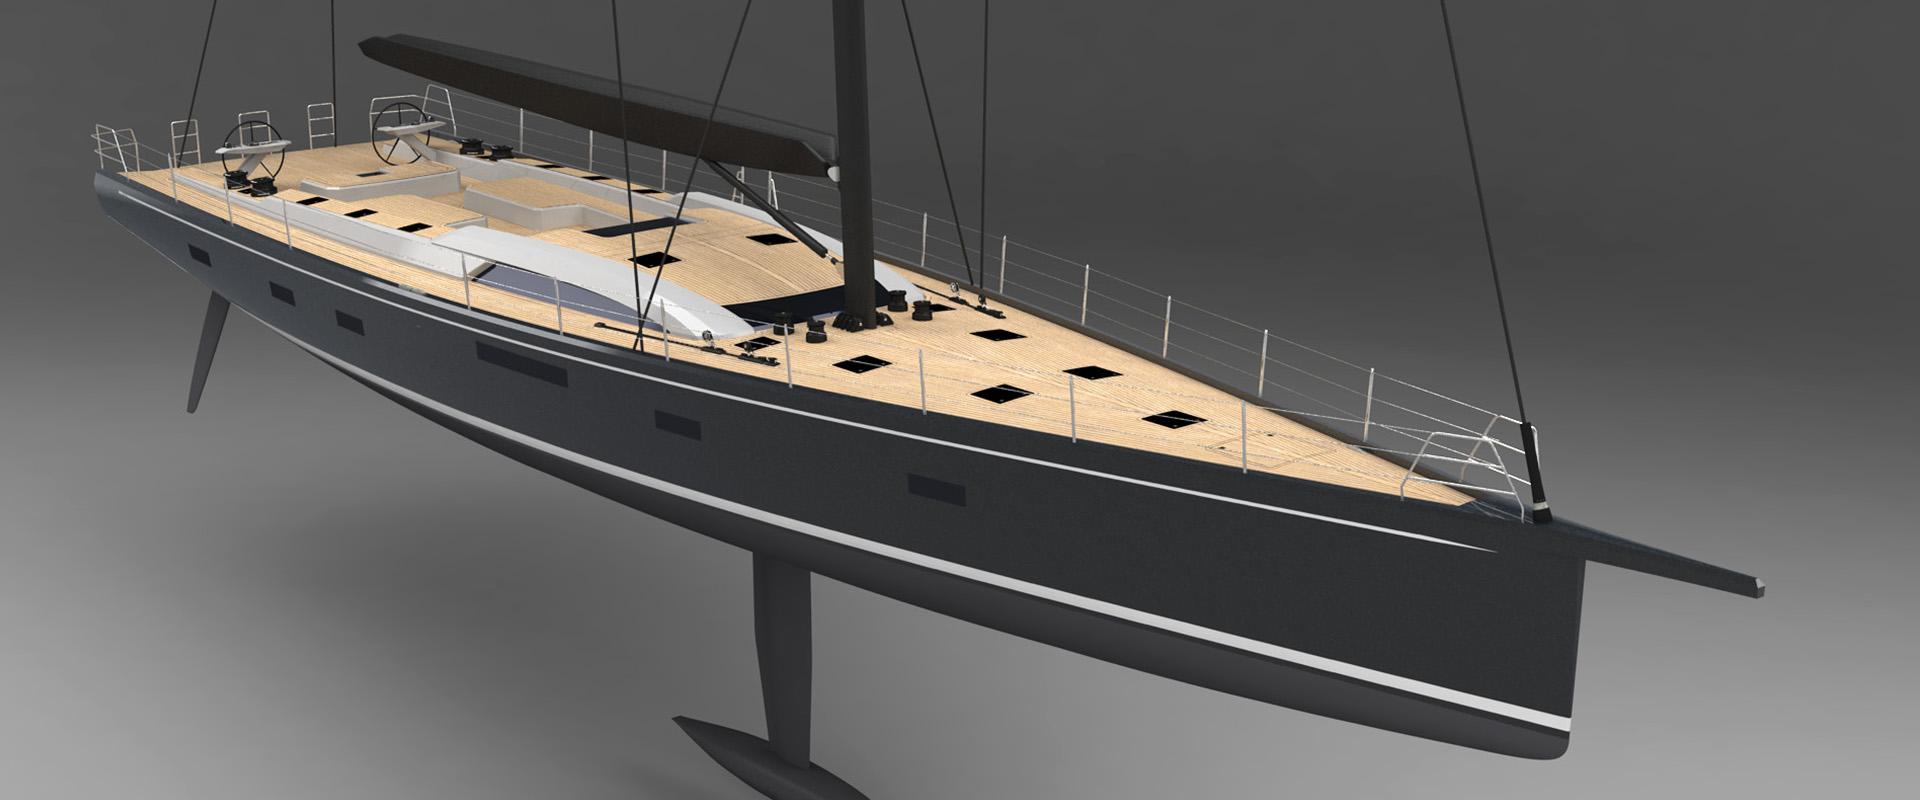 SW105 SØRVIND Sailing Yacht